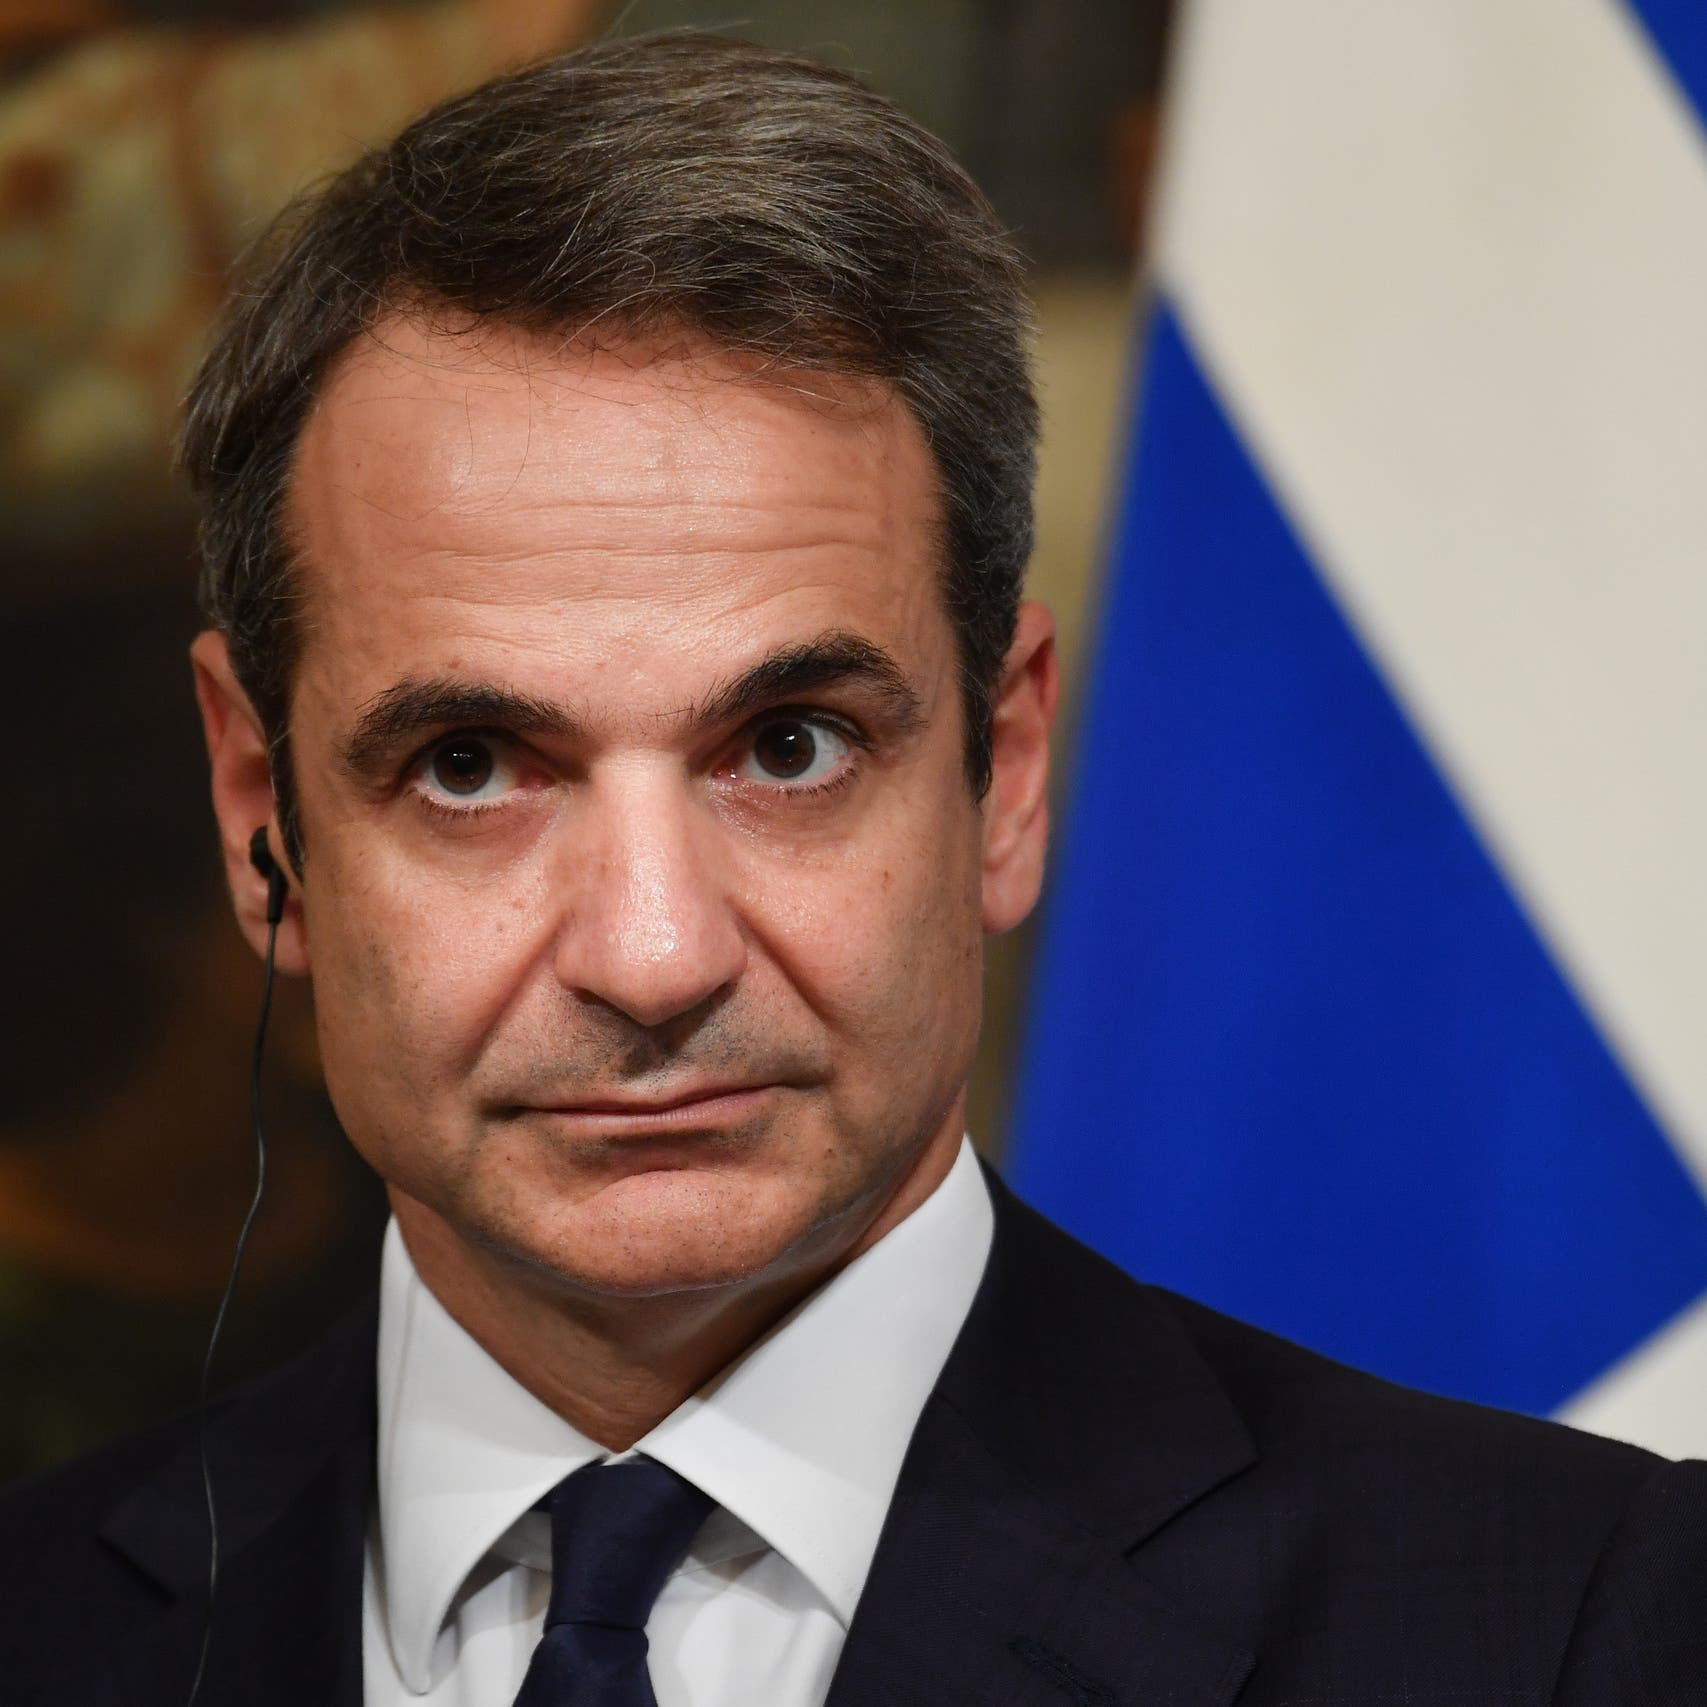 اليونان تطلب مساندة الناتو في خلافها مع تركيا